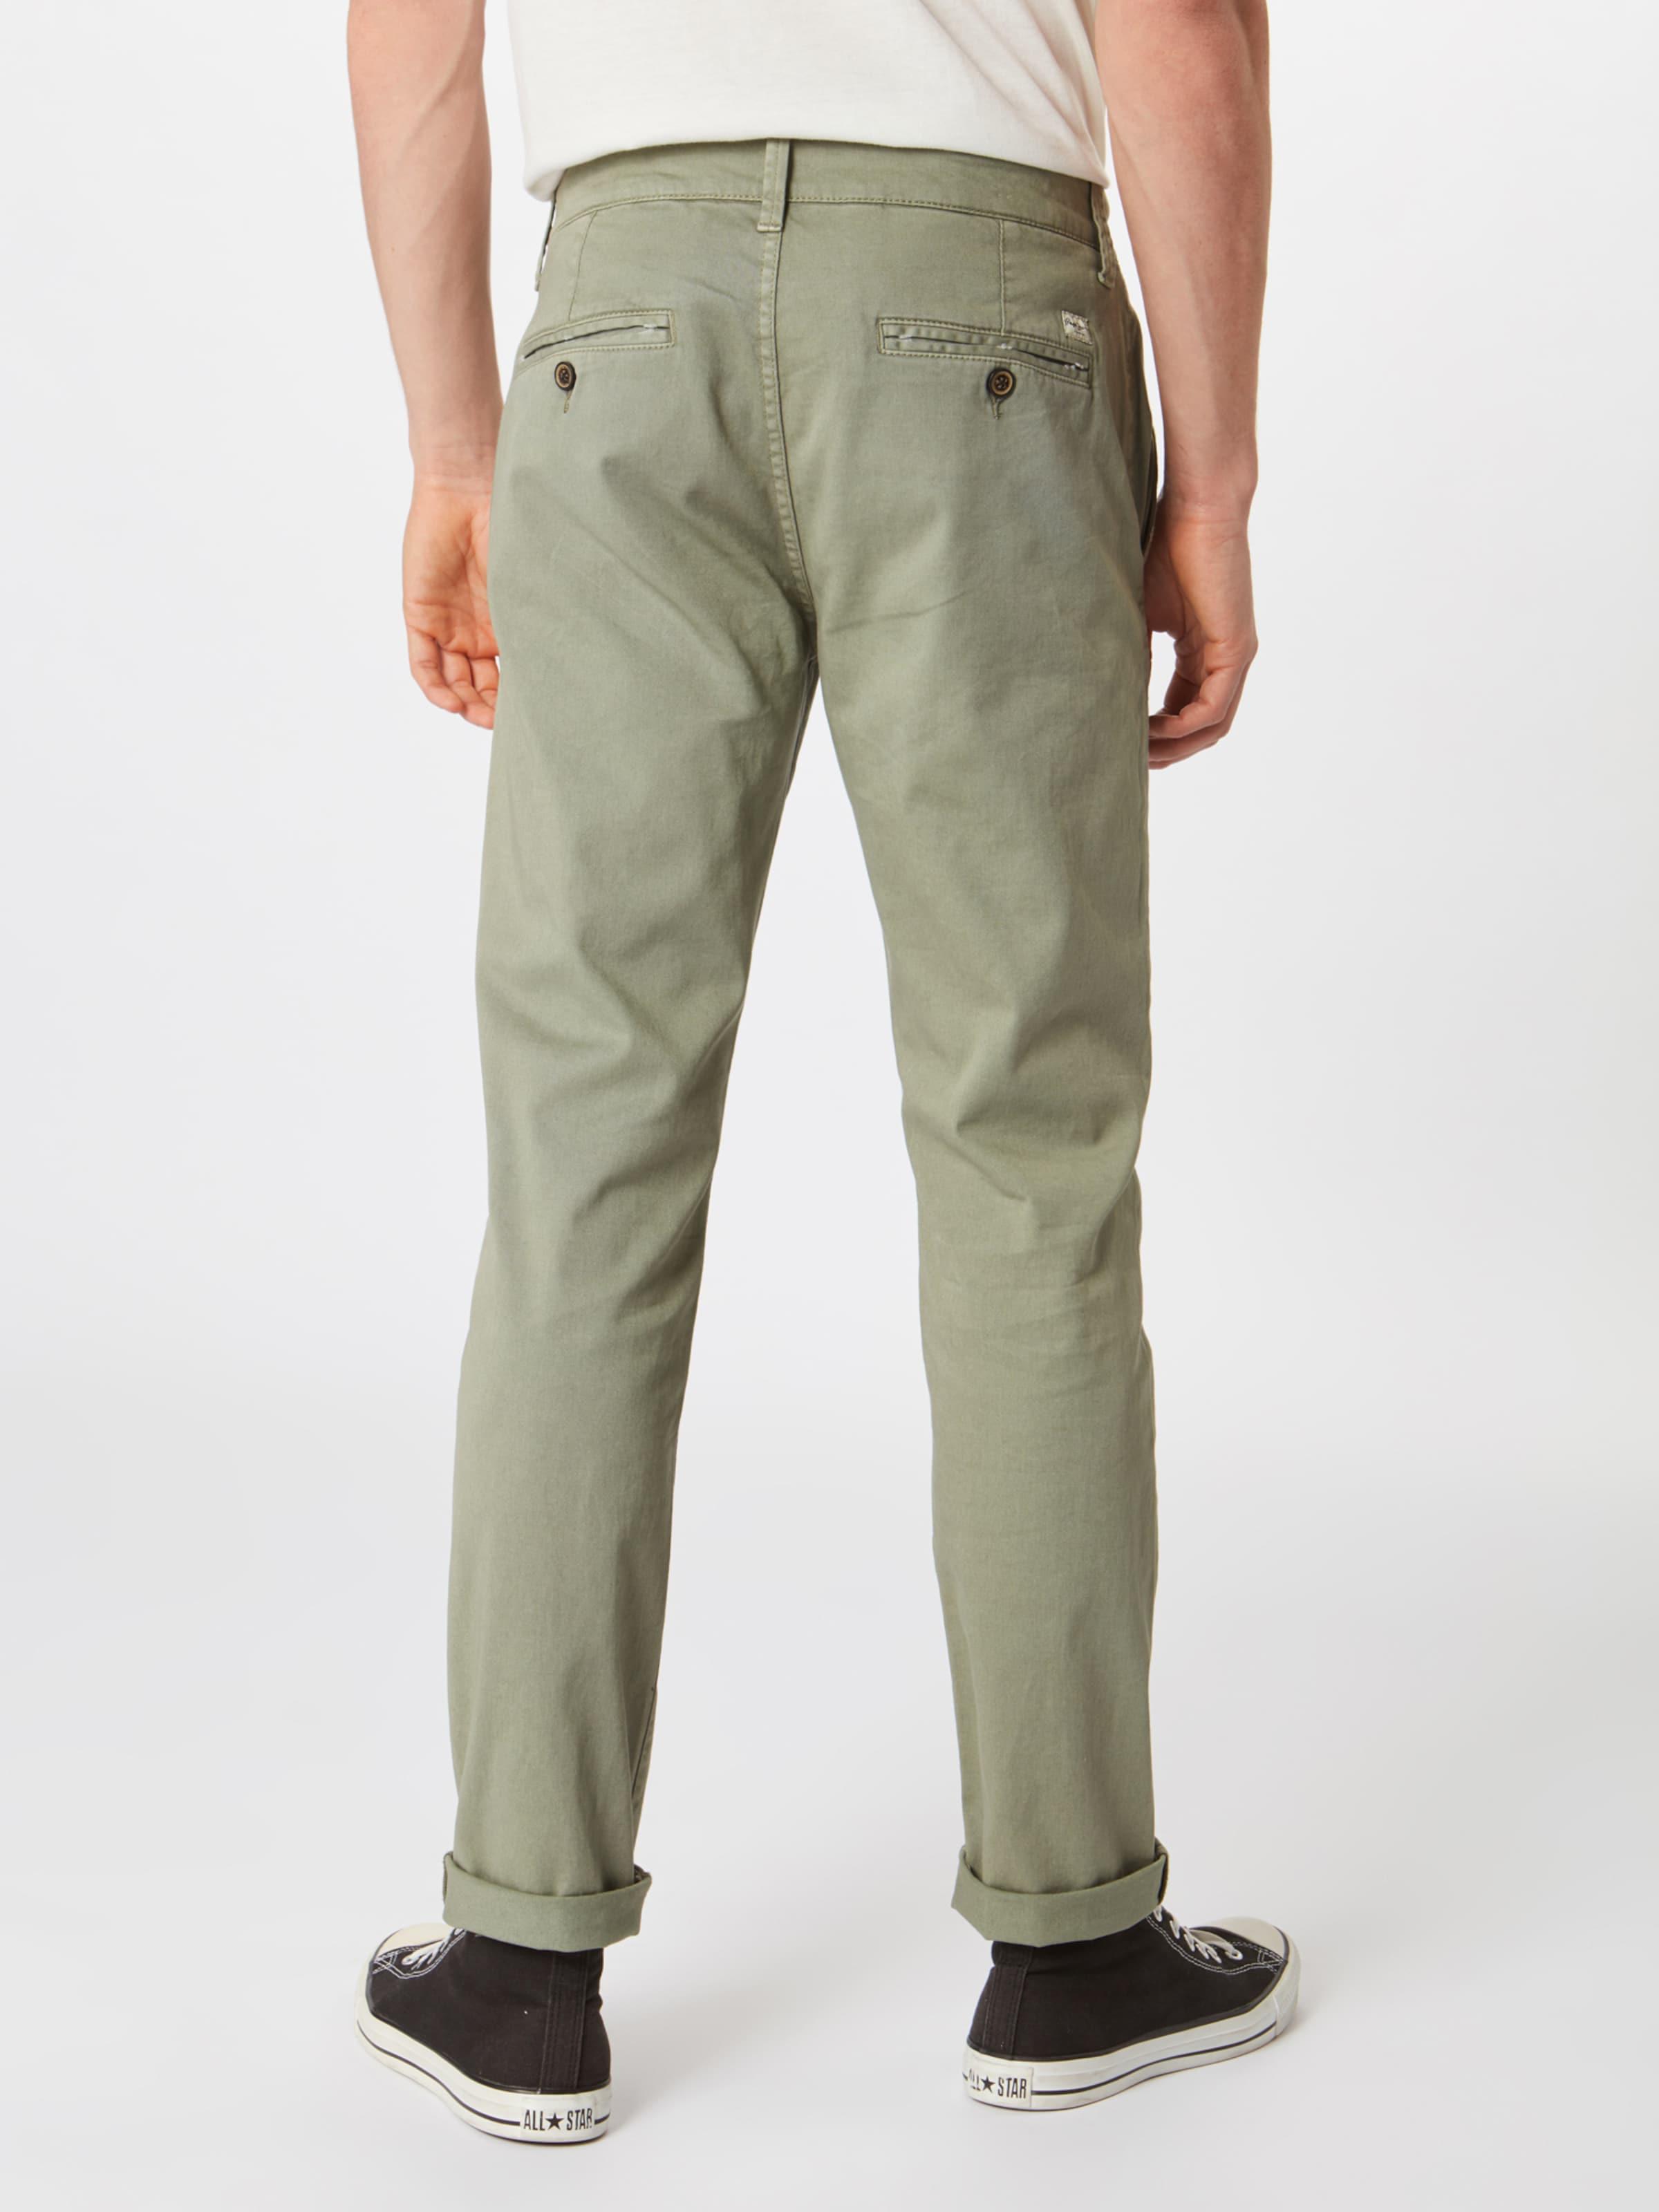 Foncé Jeans Pantalon Chino Pepe En Bleu 'sloane' TcFJ1Kl